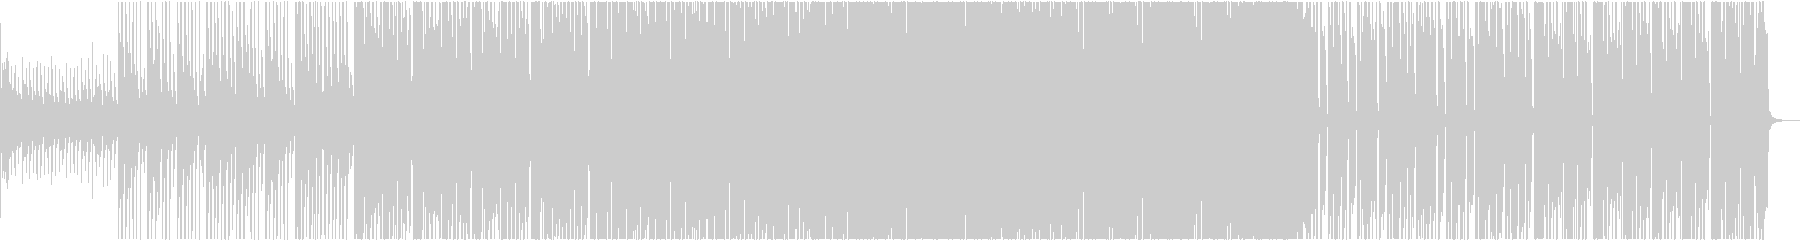 和楽器とストリングスとノイズのミックス曲の未再生の波形